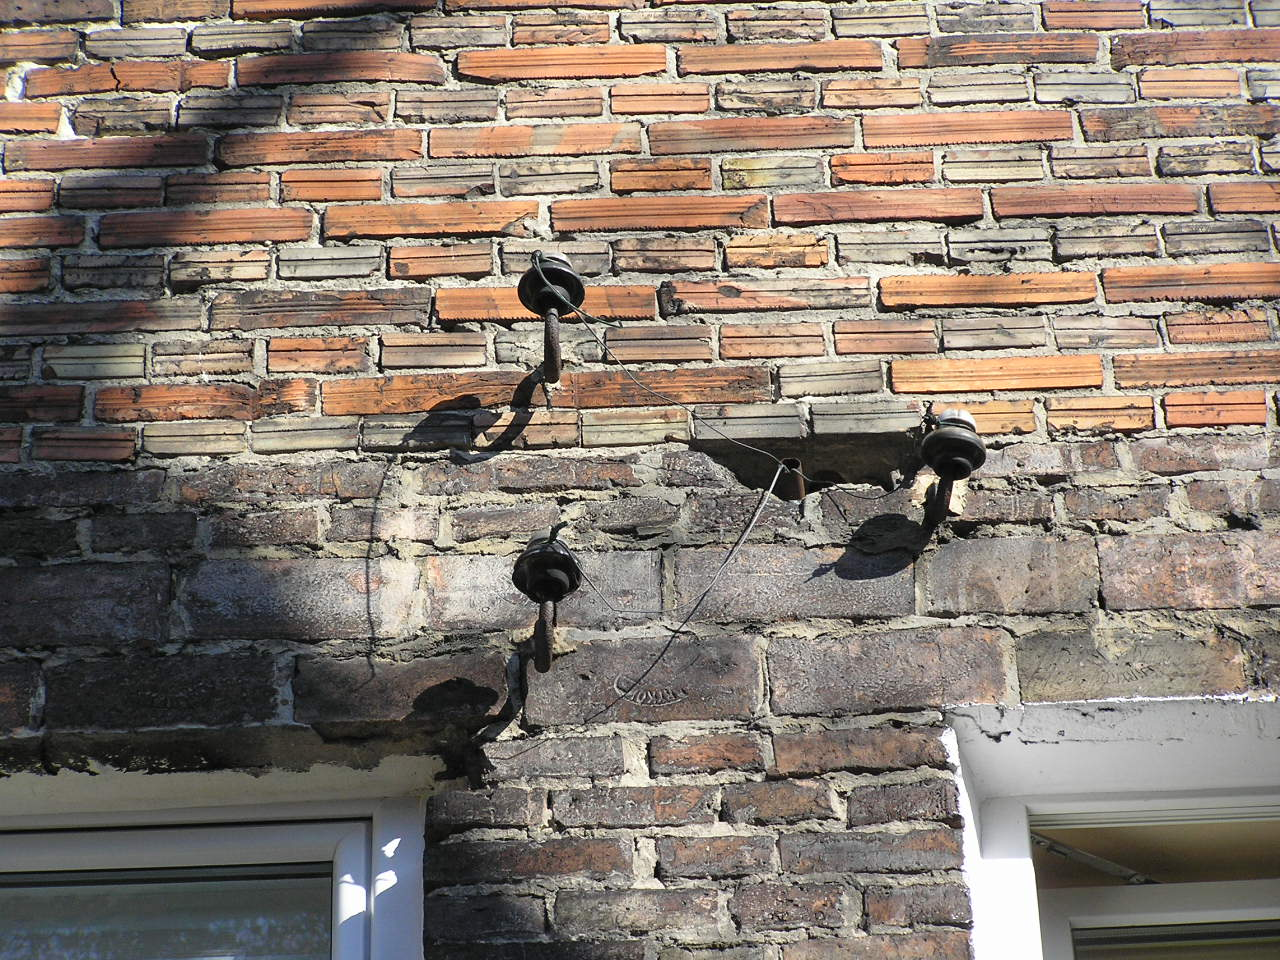 Izolatory na ścianie kamienicy przy ulicy Rębkowskiej 4 na Grochowie